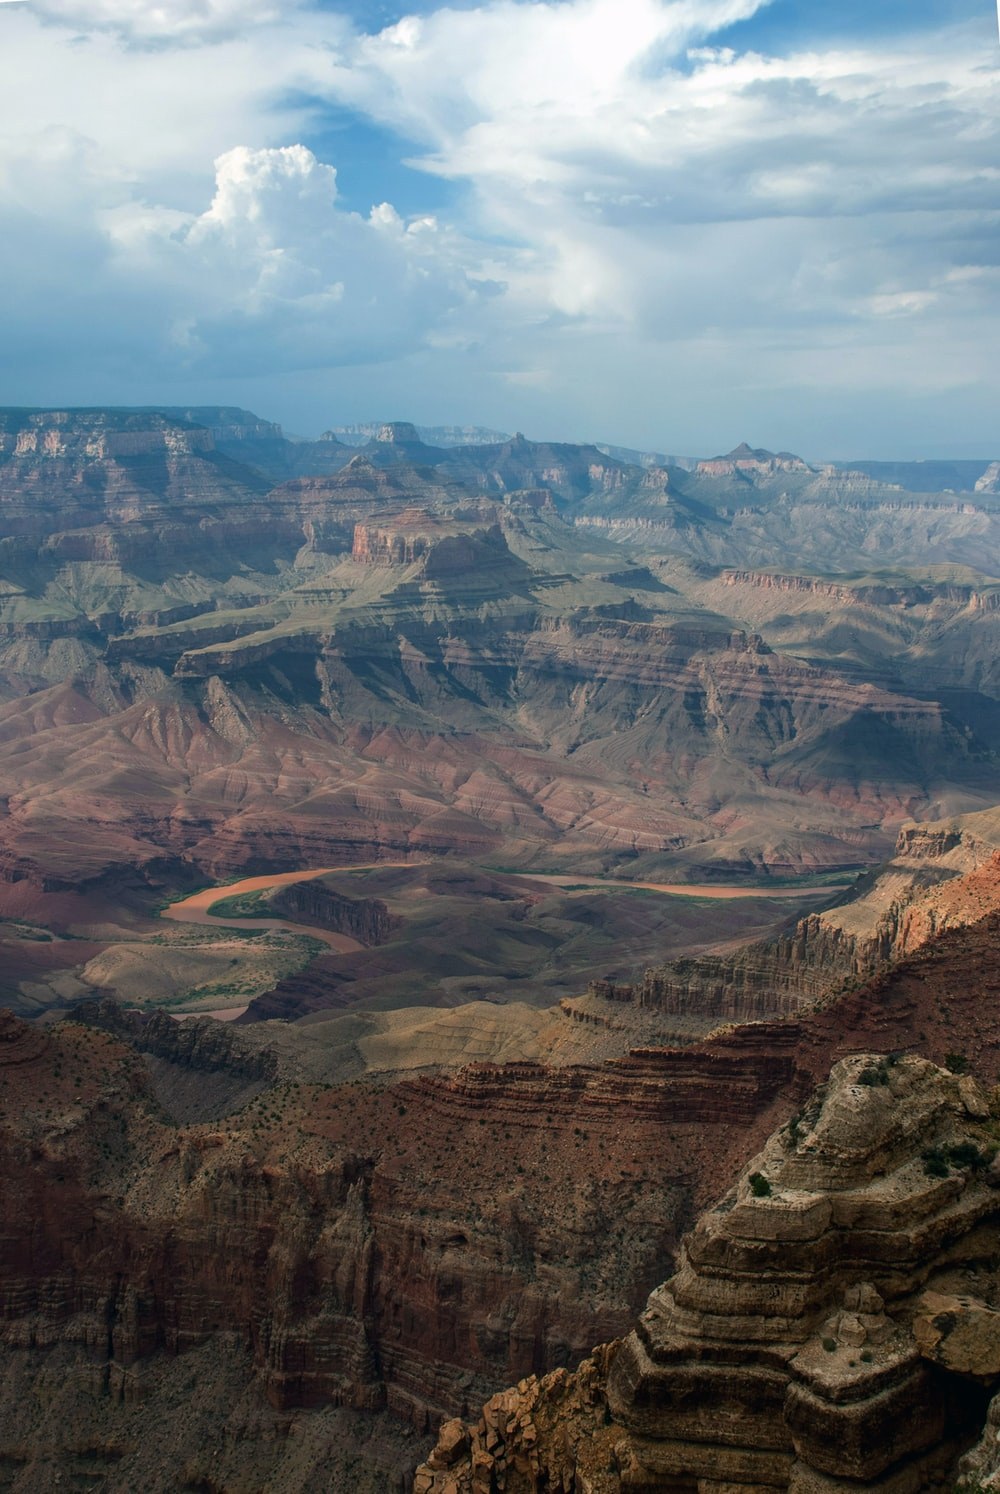 areal view of Grand Canyon, USA